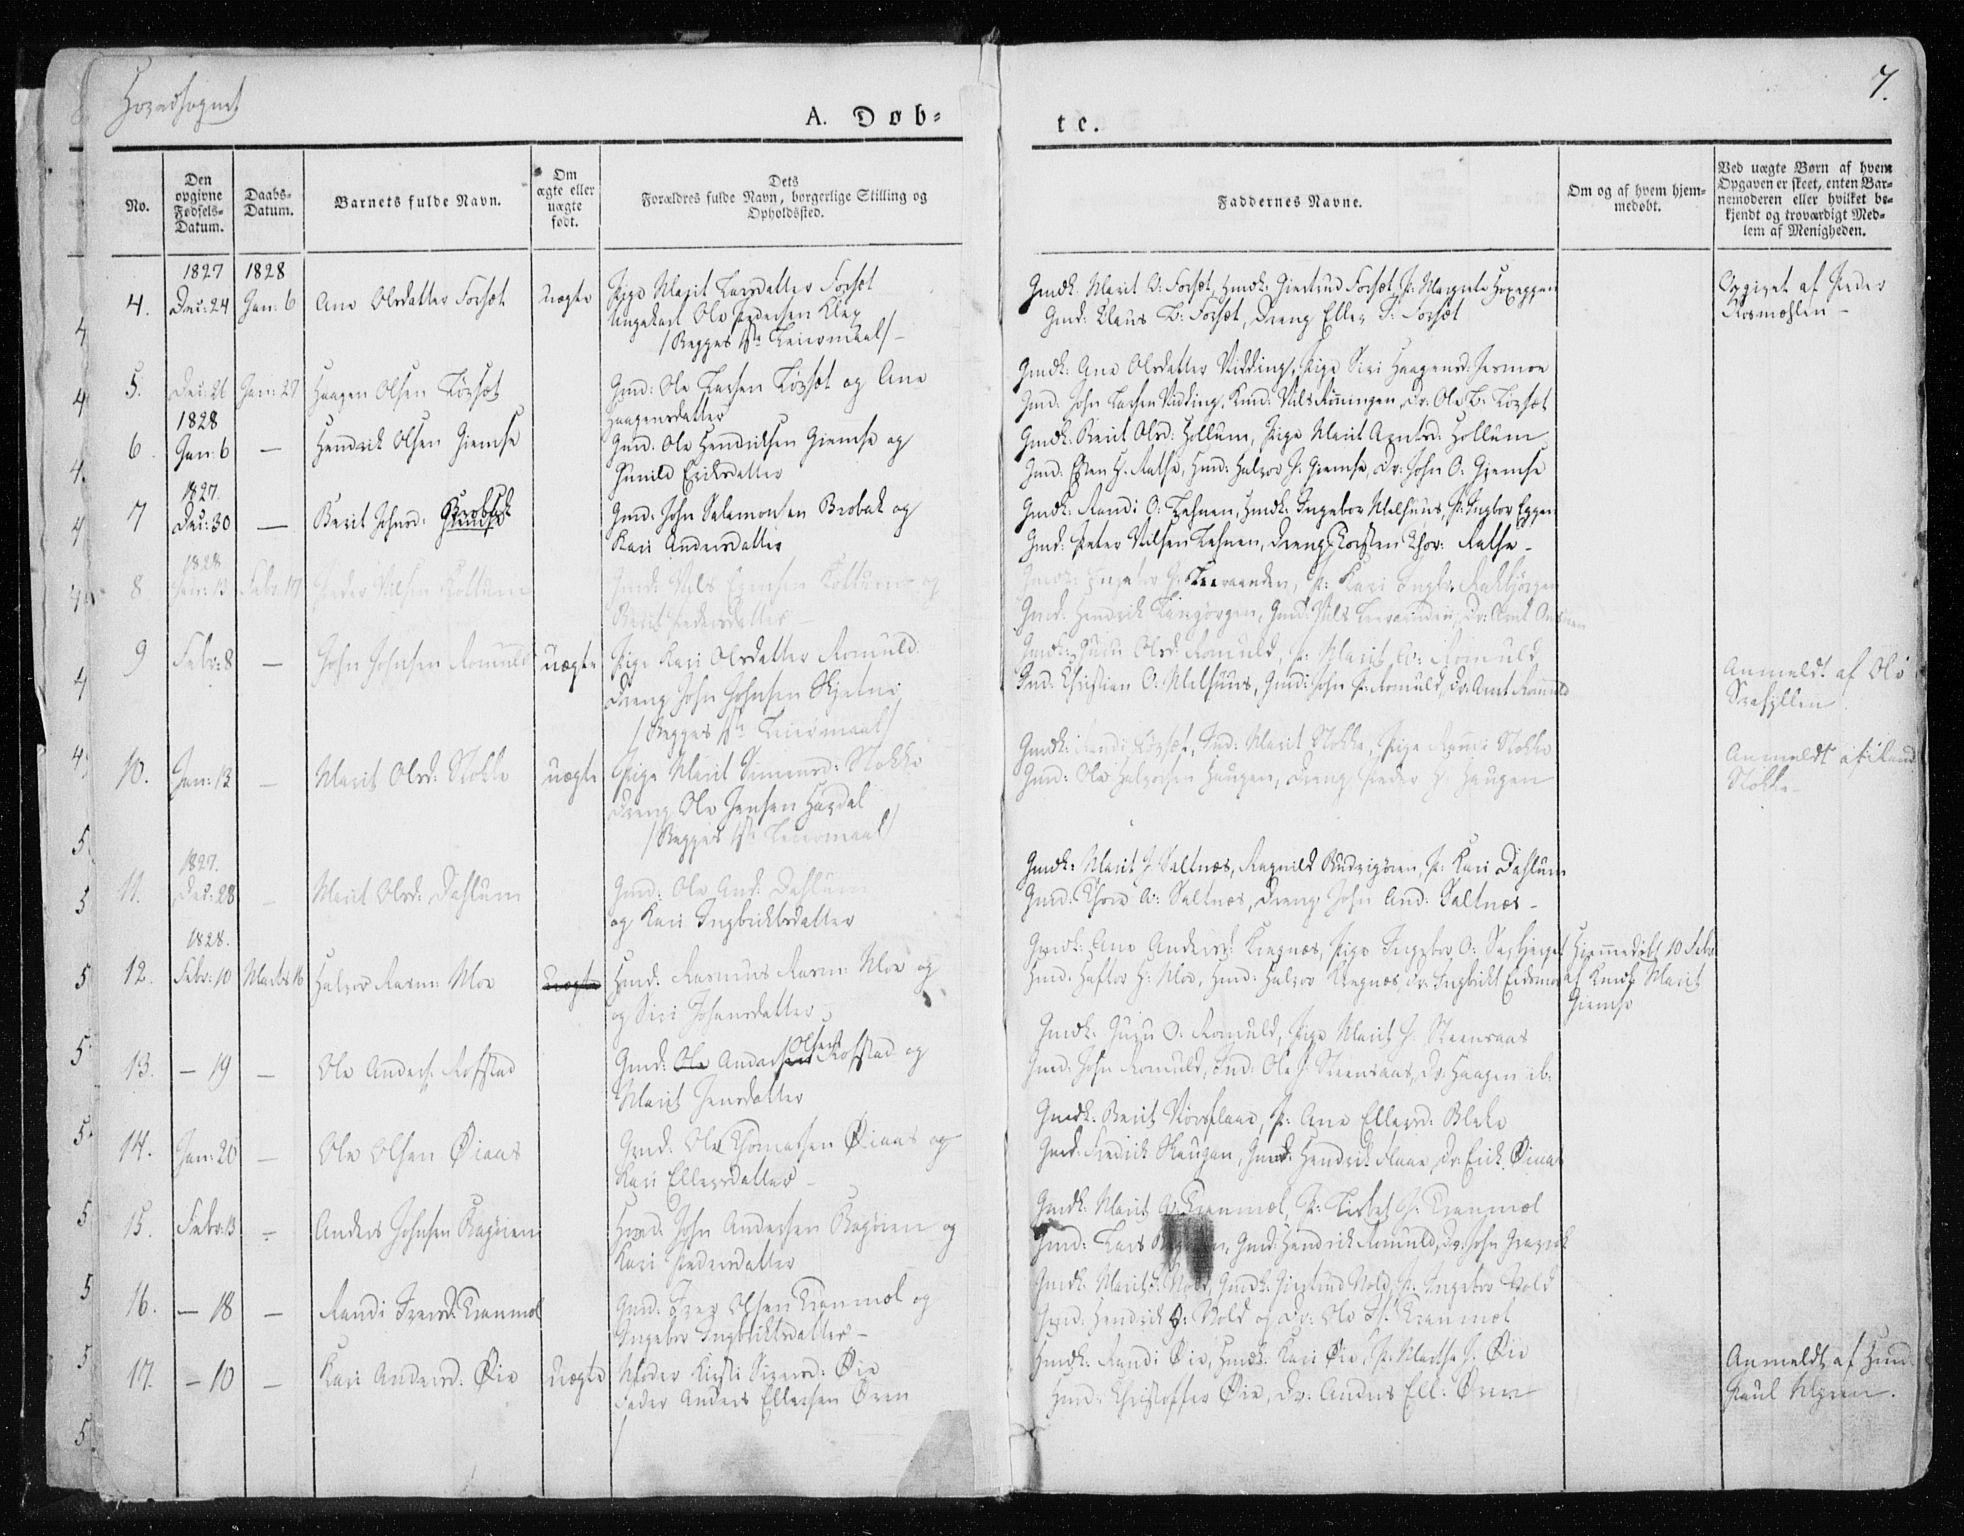 SAT, Ministerialprotokoller, klokkerbøker og fødselsregistre - Sør-Trøndelag, 691/L1069: Ministerialbok nr. 691A04, 1826-1841, s. 7